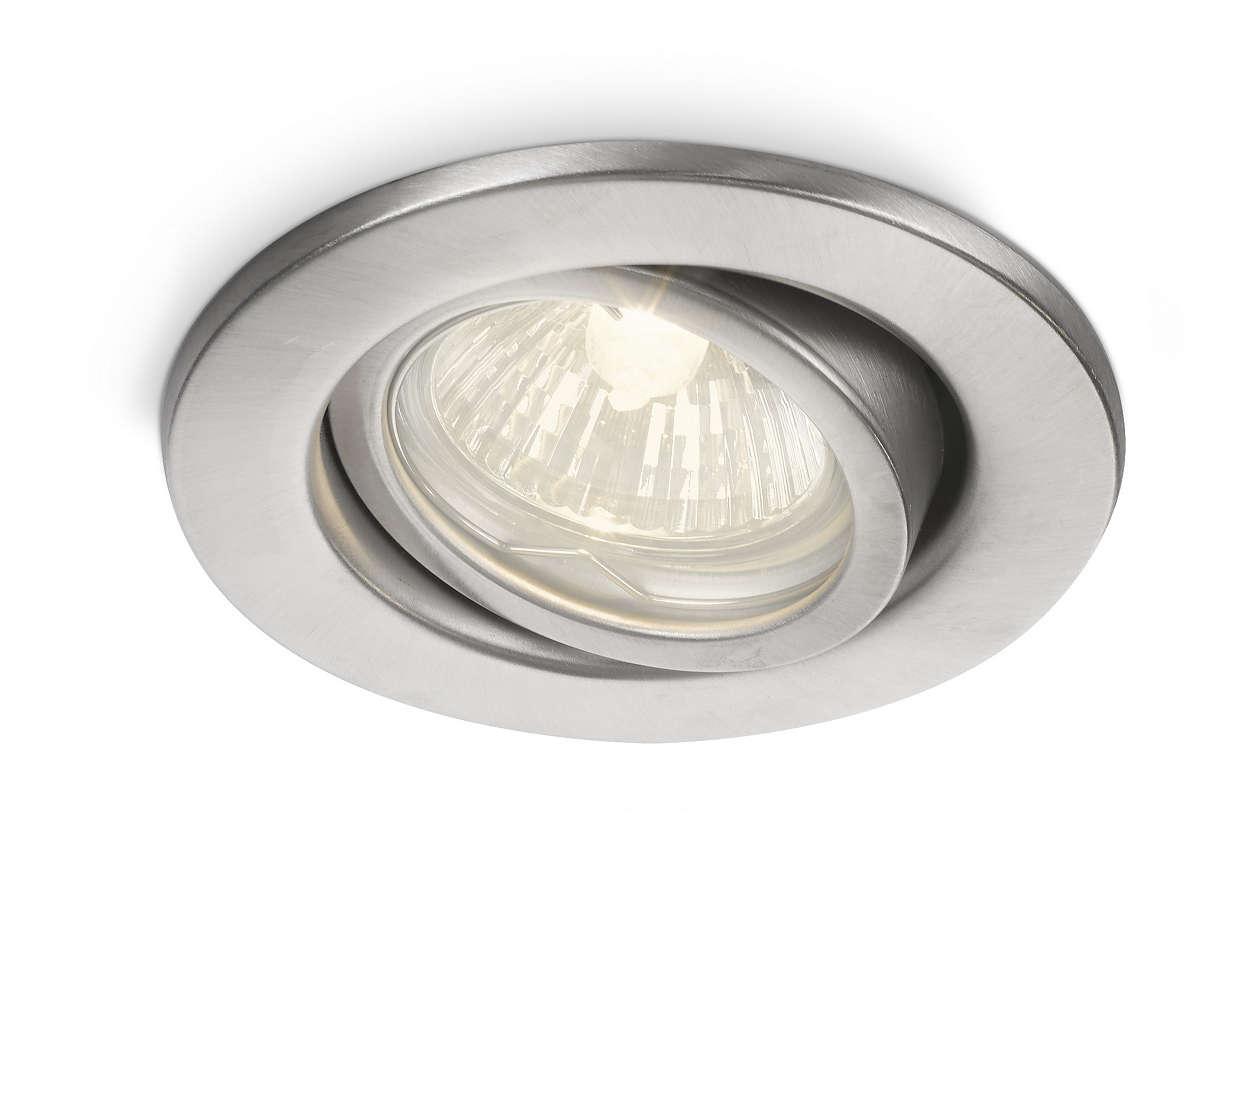 Sæt lys på din have om aftenen